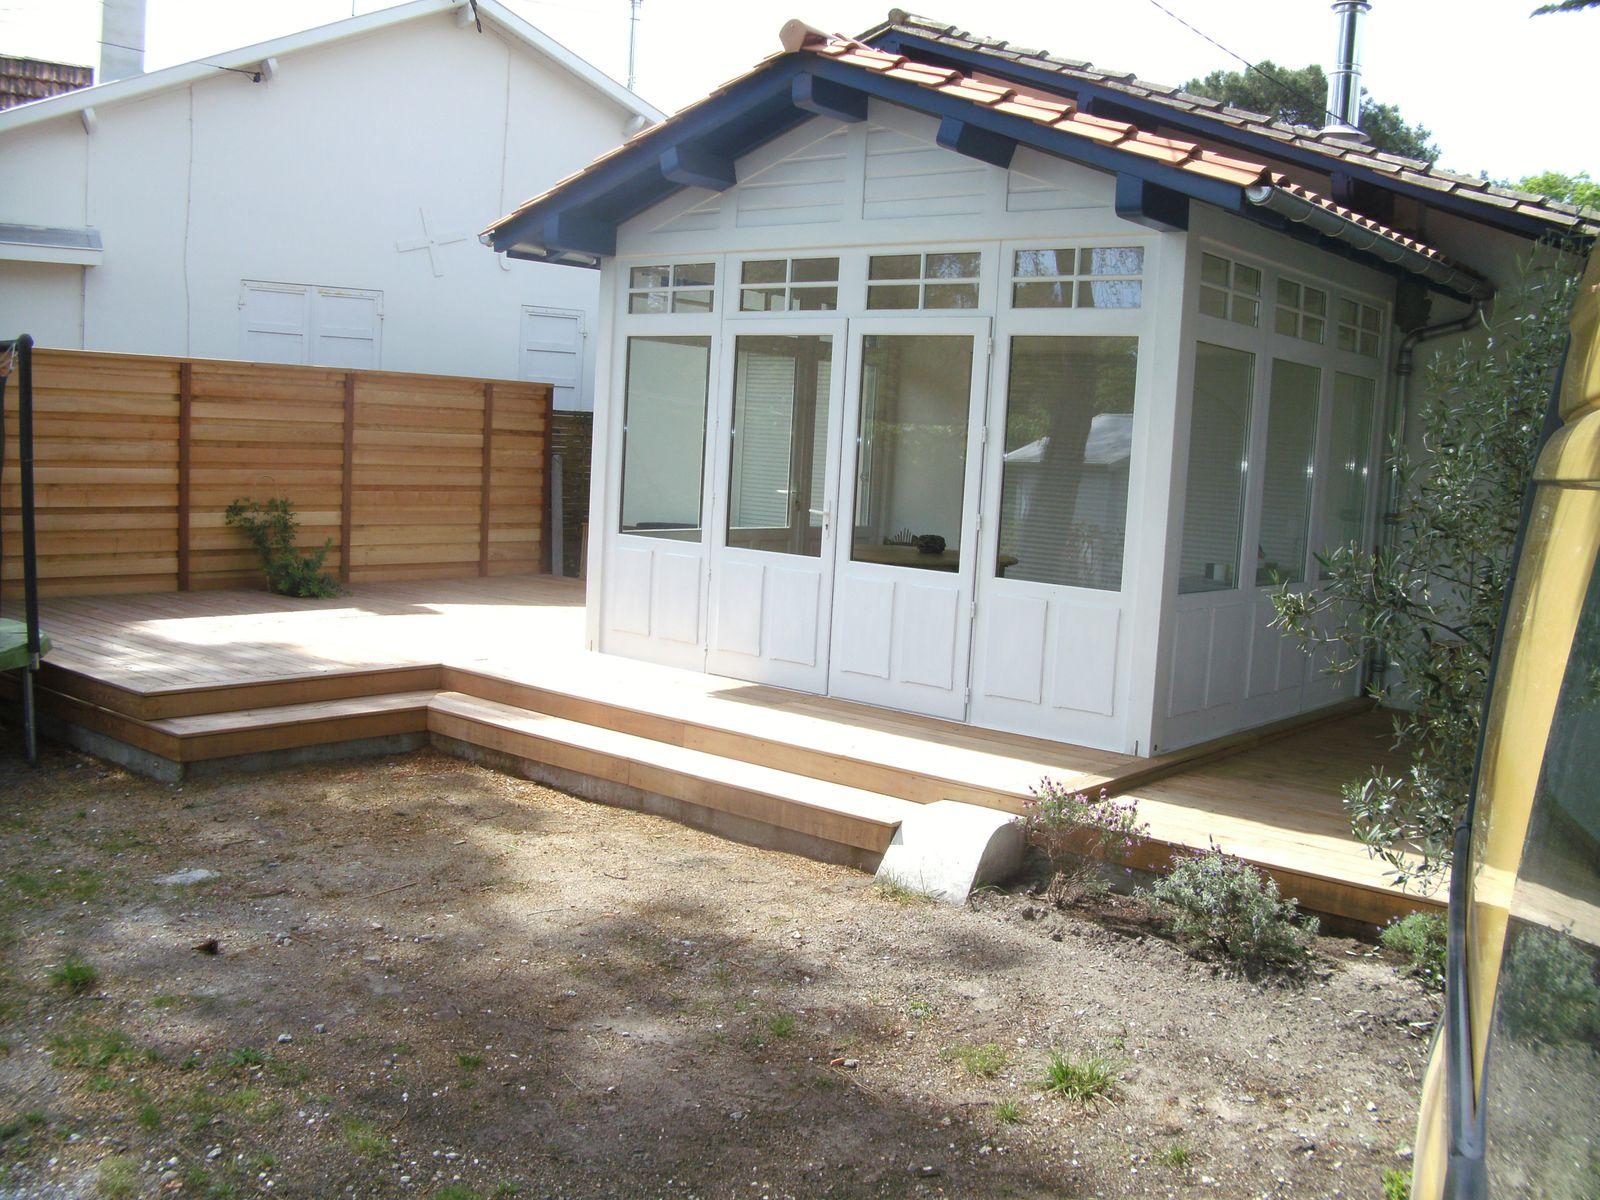 le bois sous toutes ses formes sur l vation bois extension bois construction bois isolation. Black Bedroom Furniture Sets. Home Design Ideas